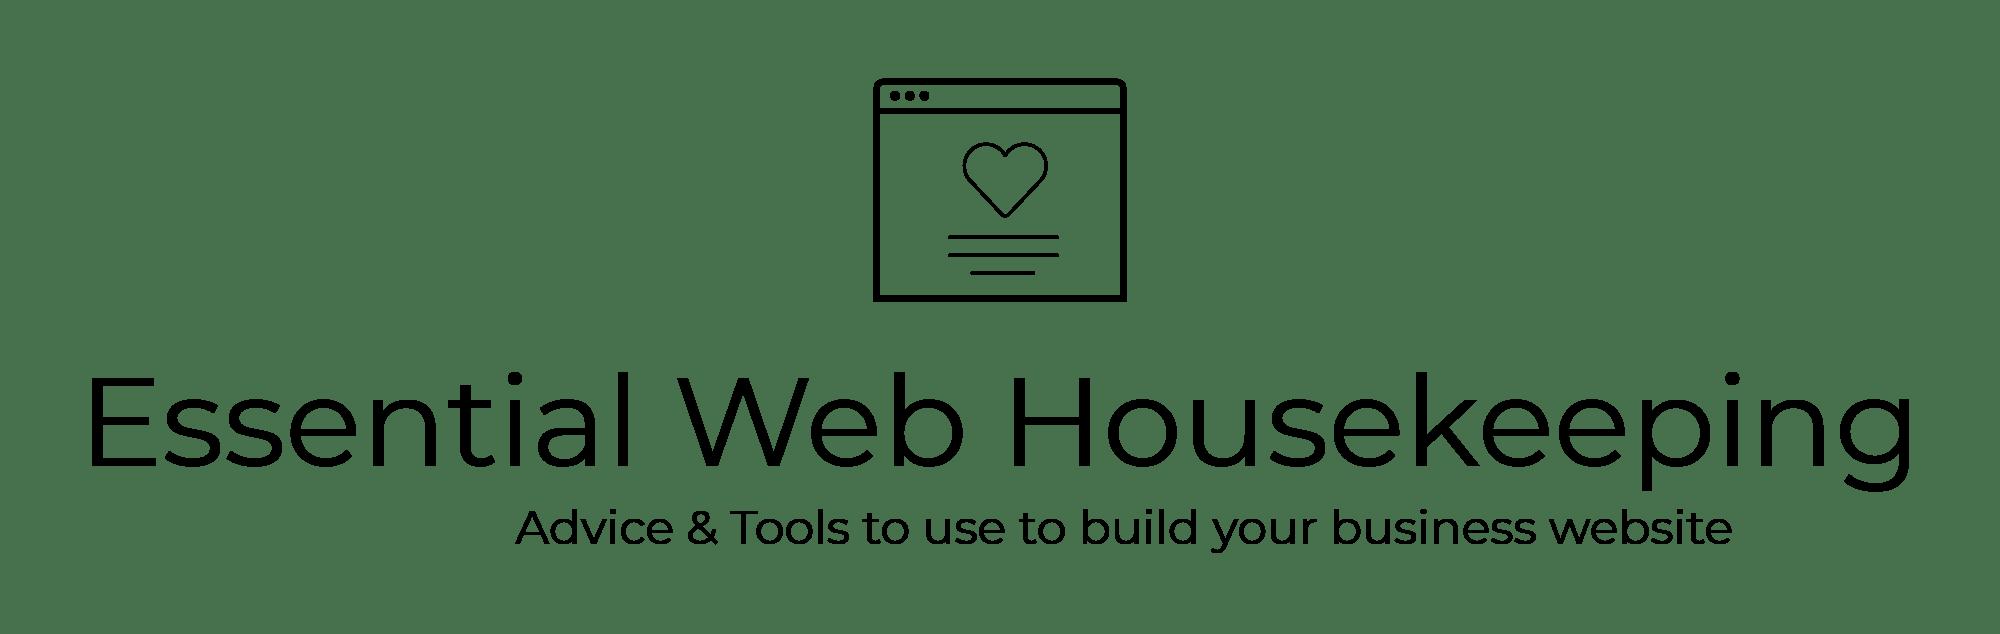 Website Housekeeping